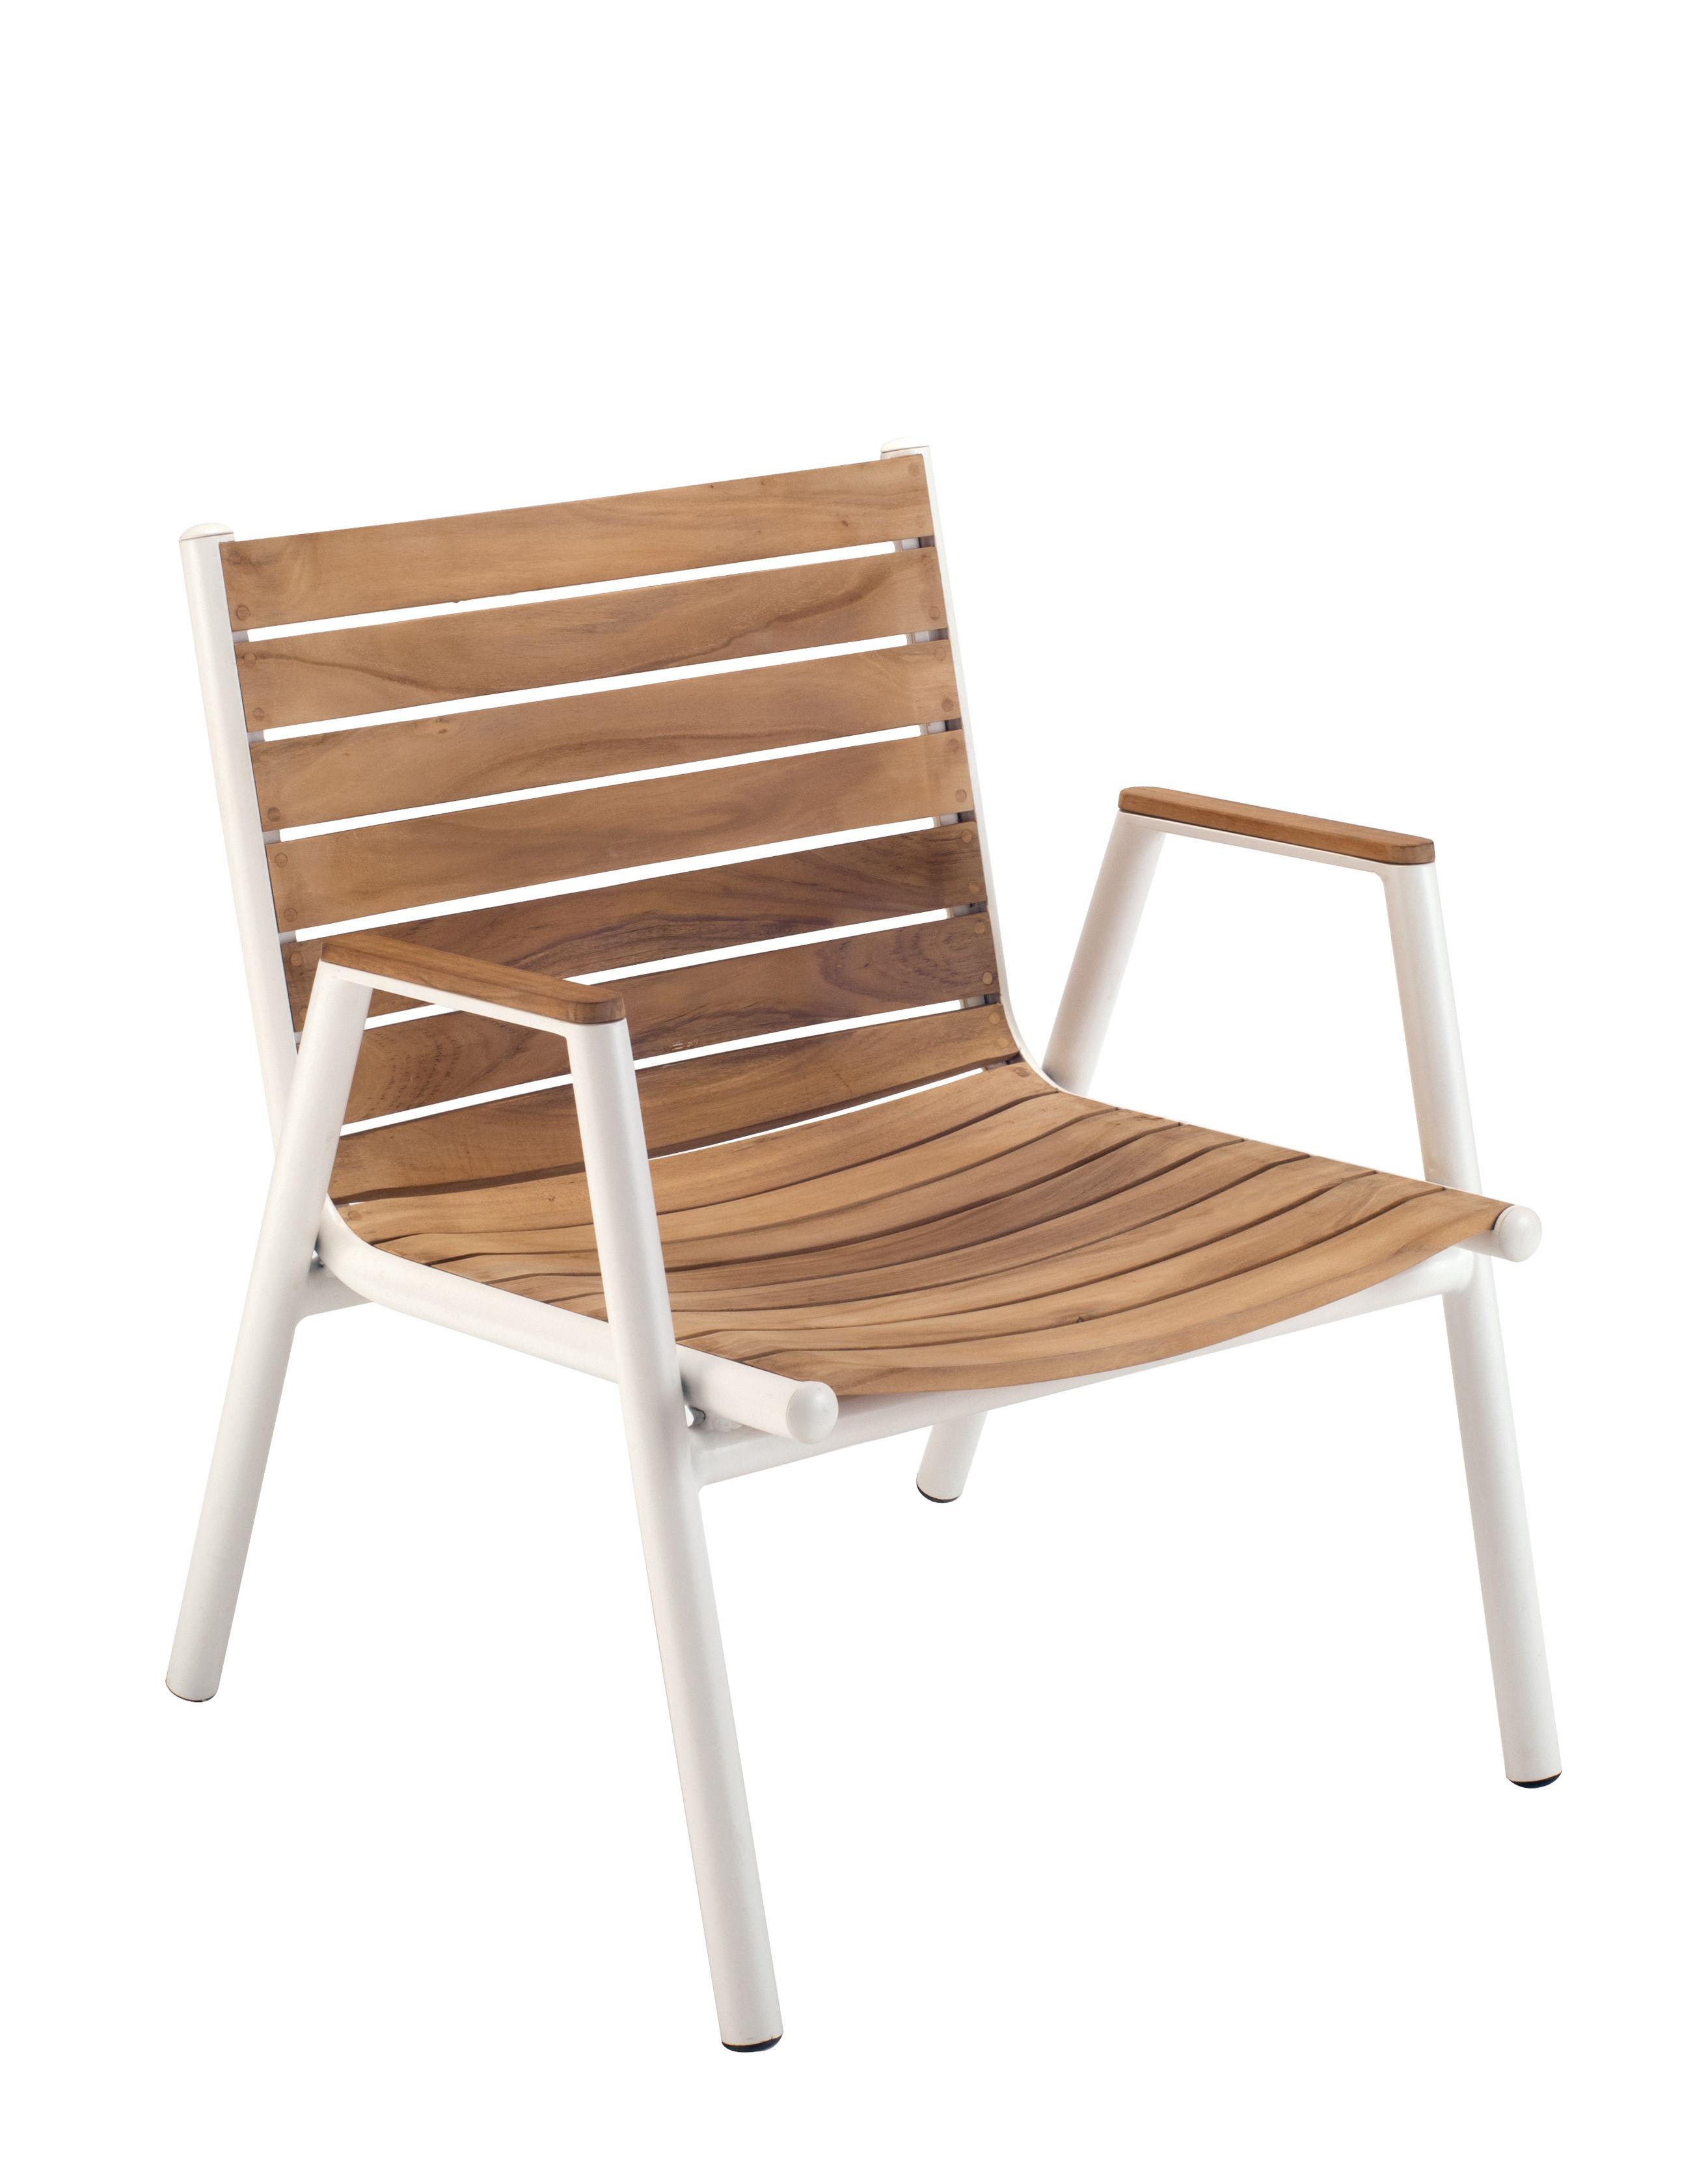 pilotis stapelbar teakholz vlaemynck lounge sessel. Black Bedroom Furniture Sets. Home Design Ideas